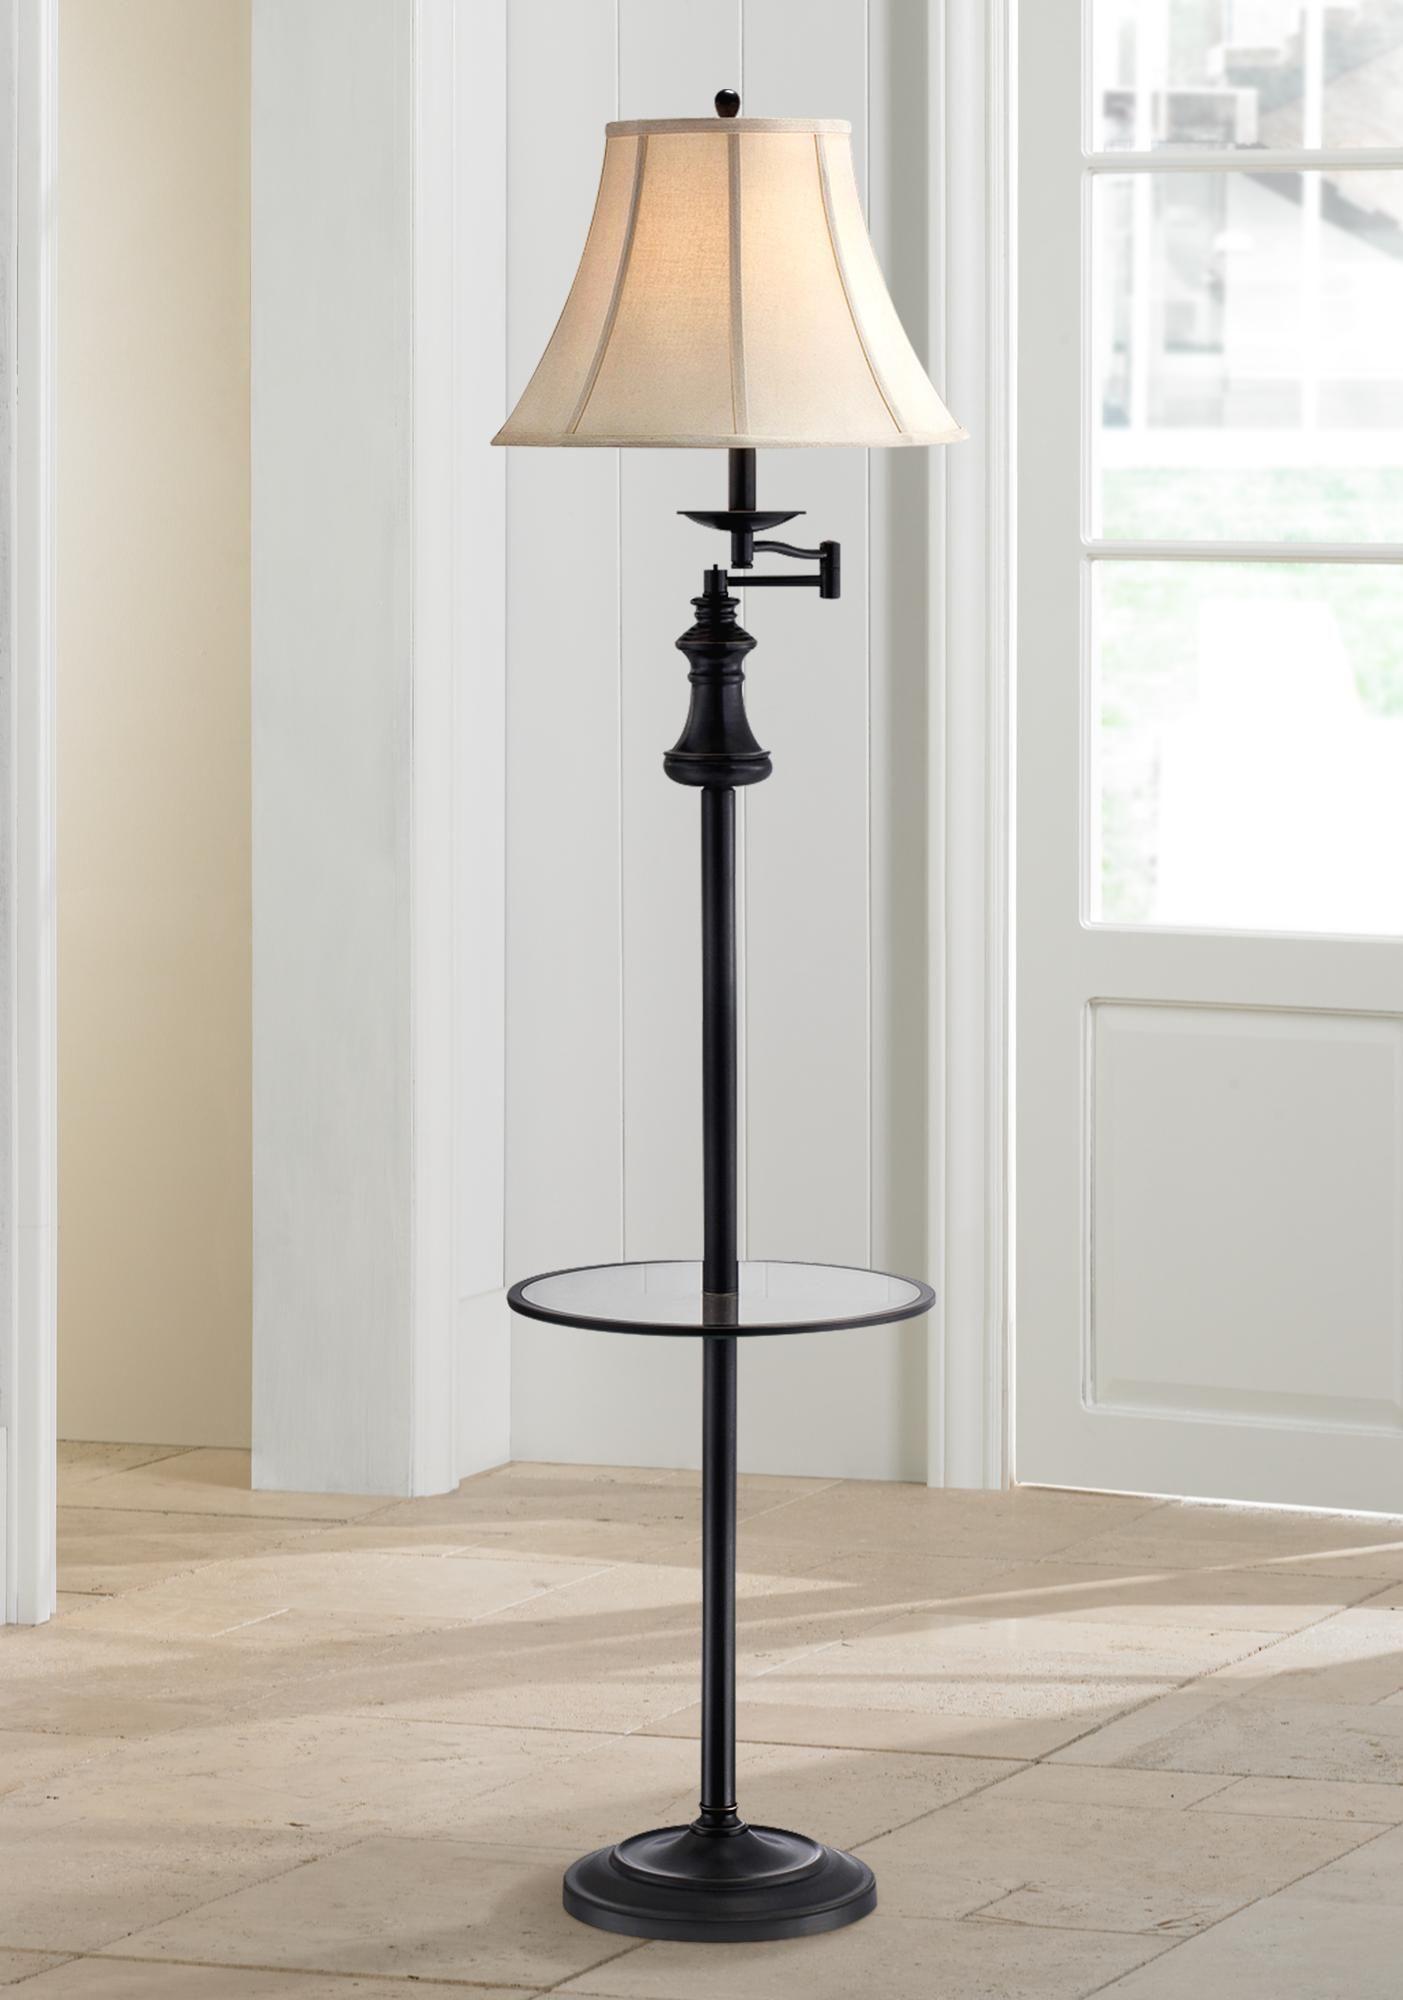 Lite source brandice swing arm floor lamp with table tray sarah lite source brandice swing arm floor lamp with table tray geotapseo Gallery